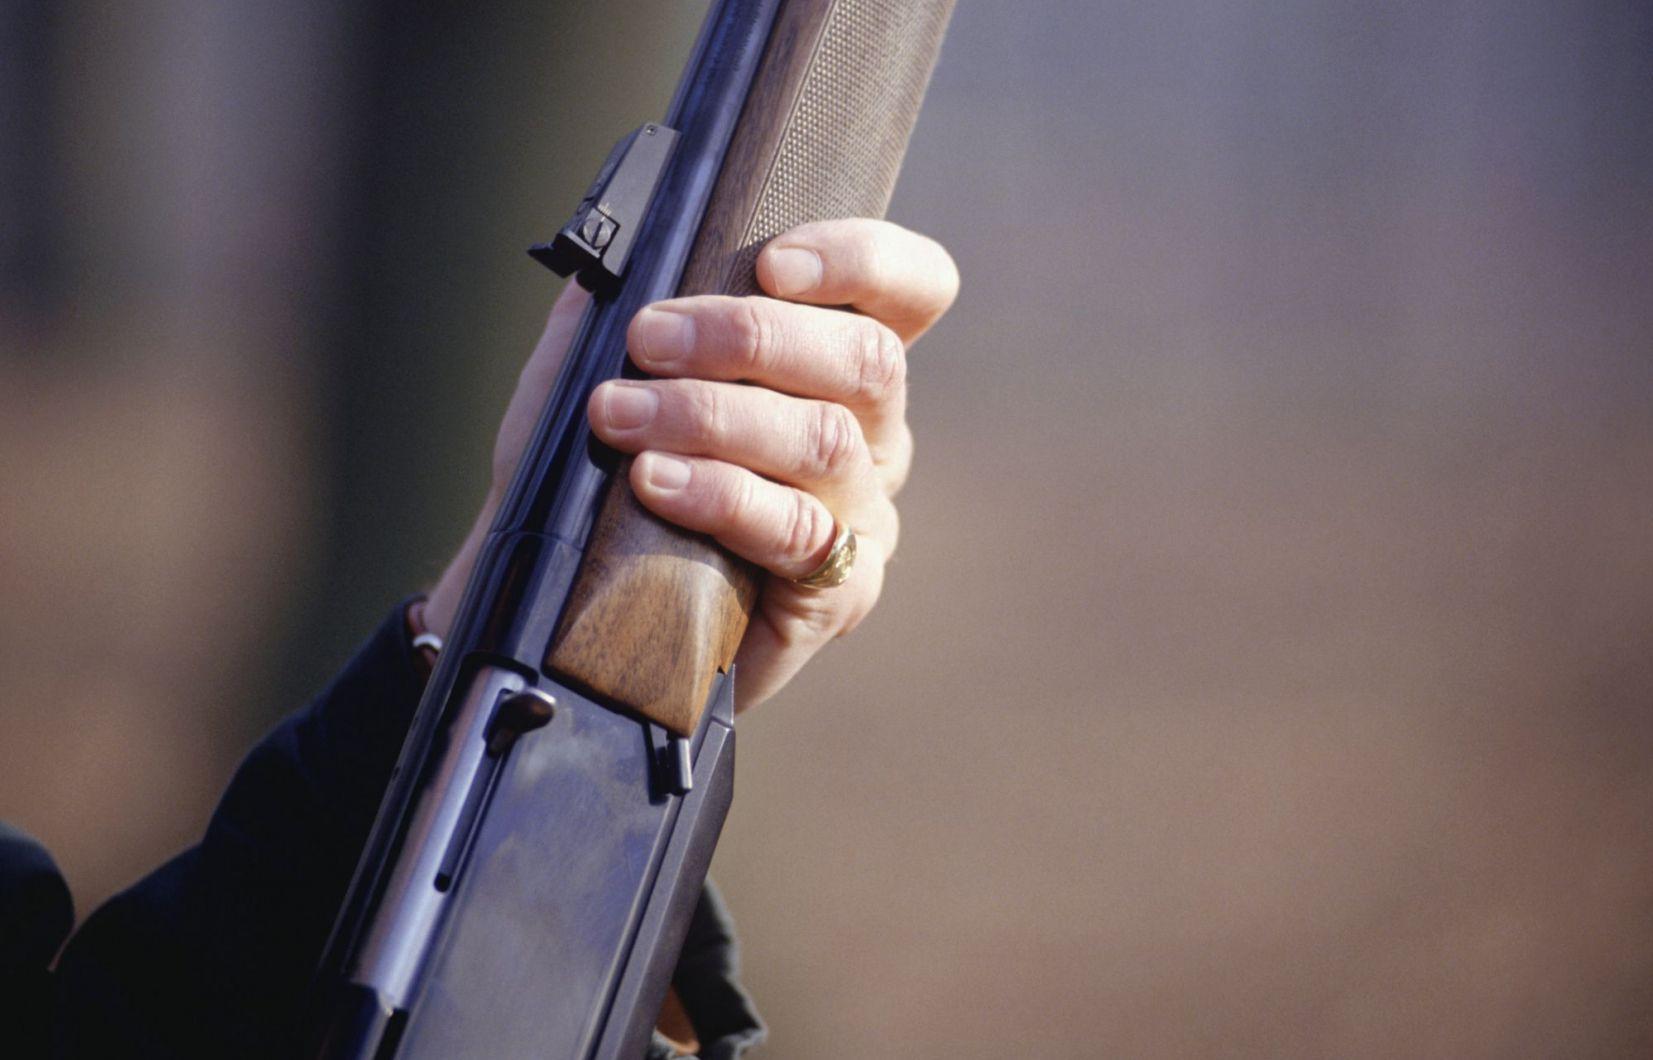 В Тверской области похитители оружия проведут 3,5 года в колонии - новости Афанасий